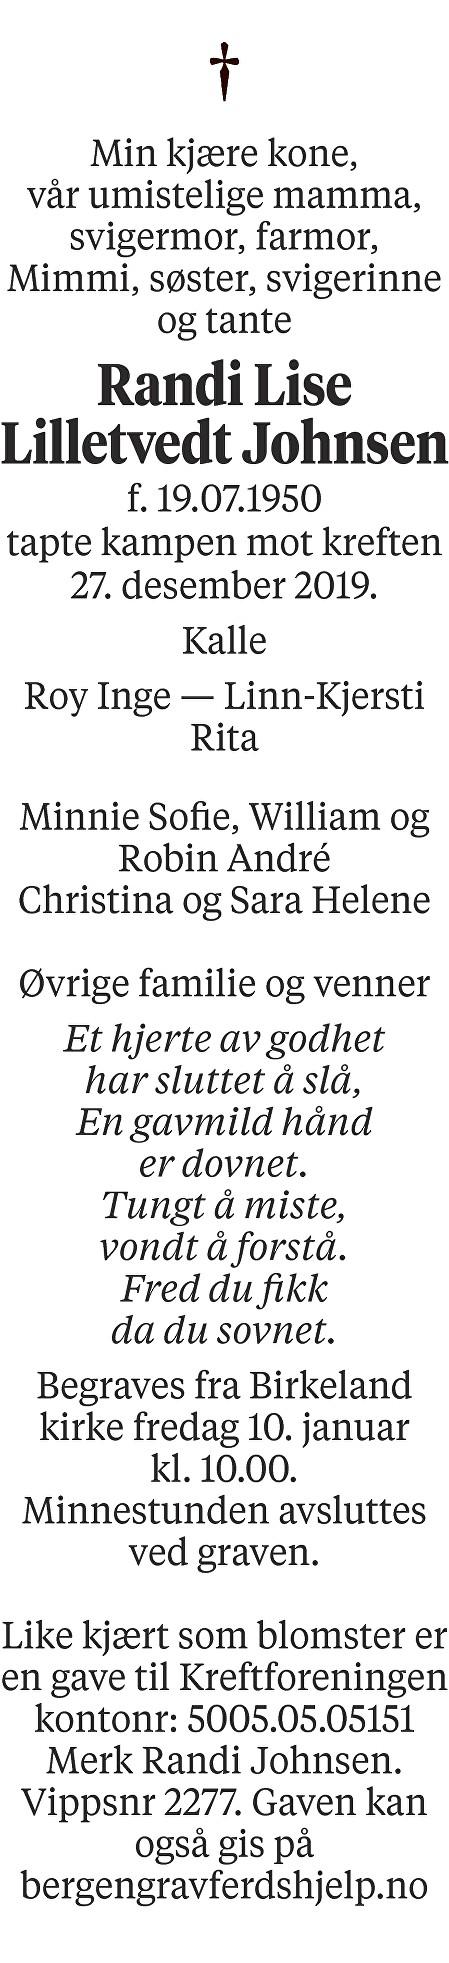 Randi Lise Lilletvedt Johnsen  Dødsannonse